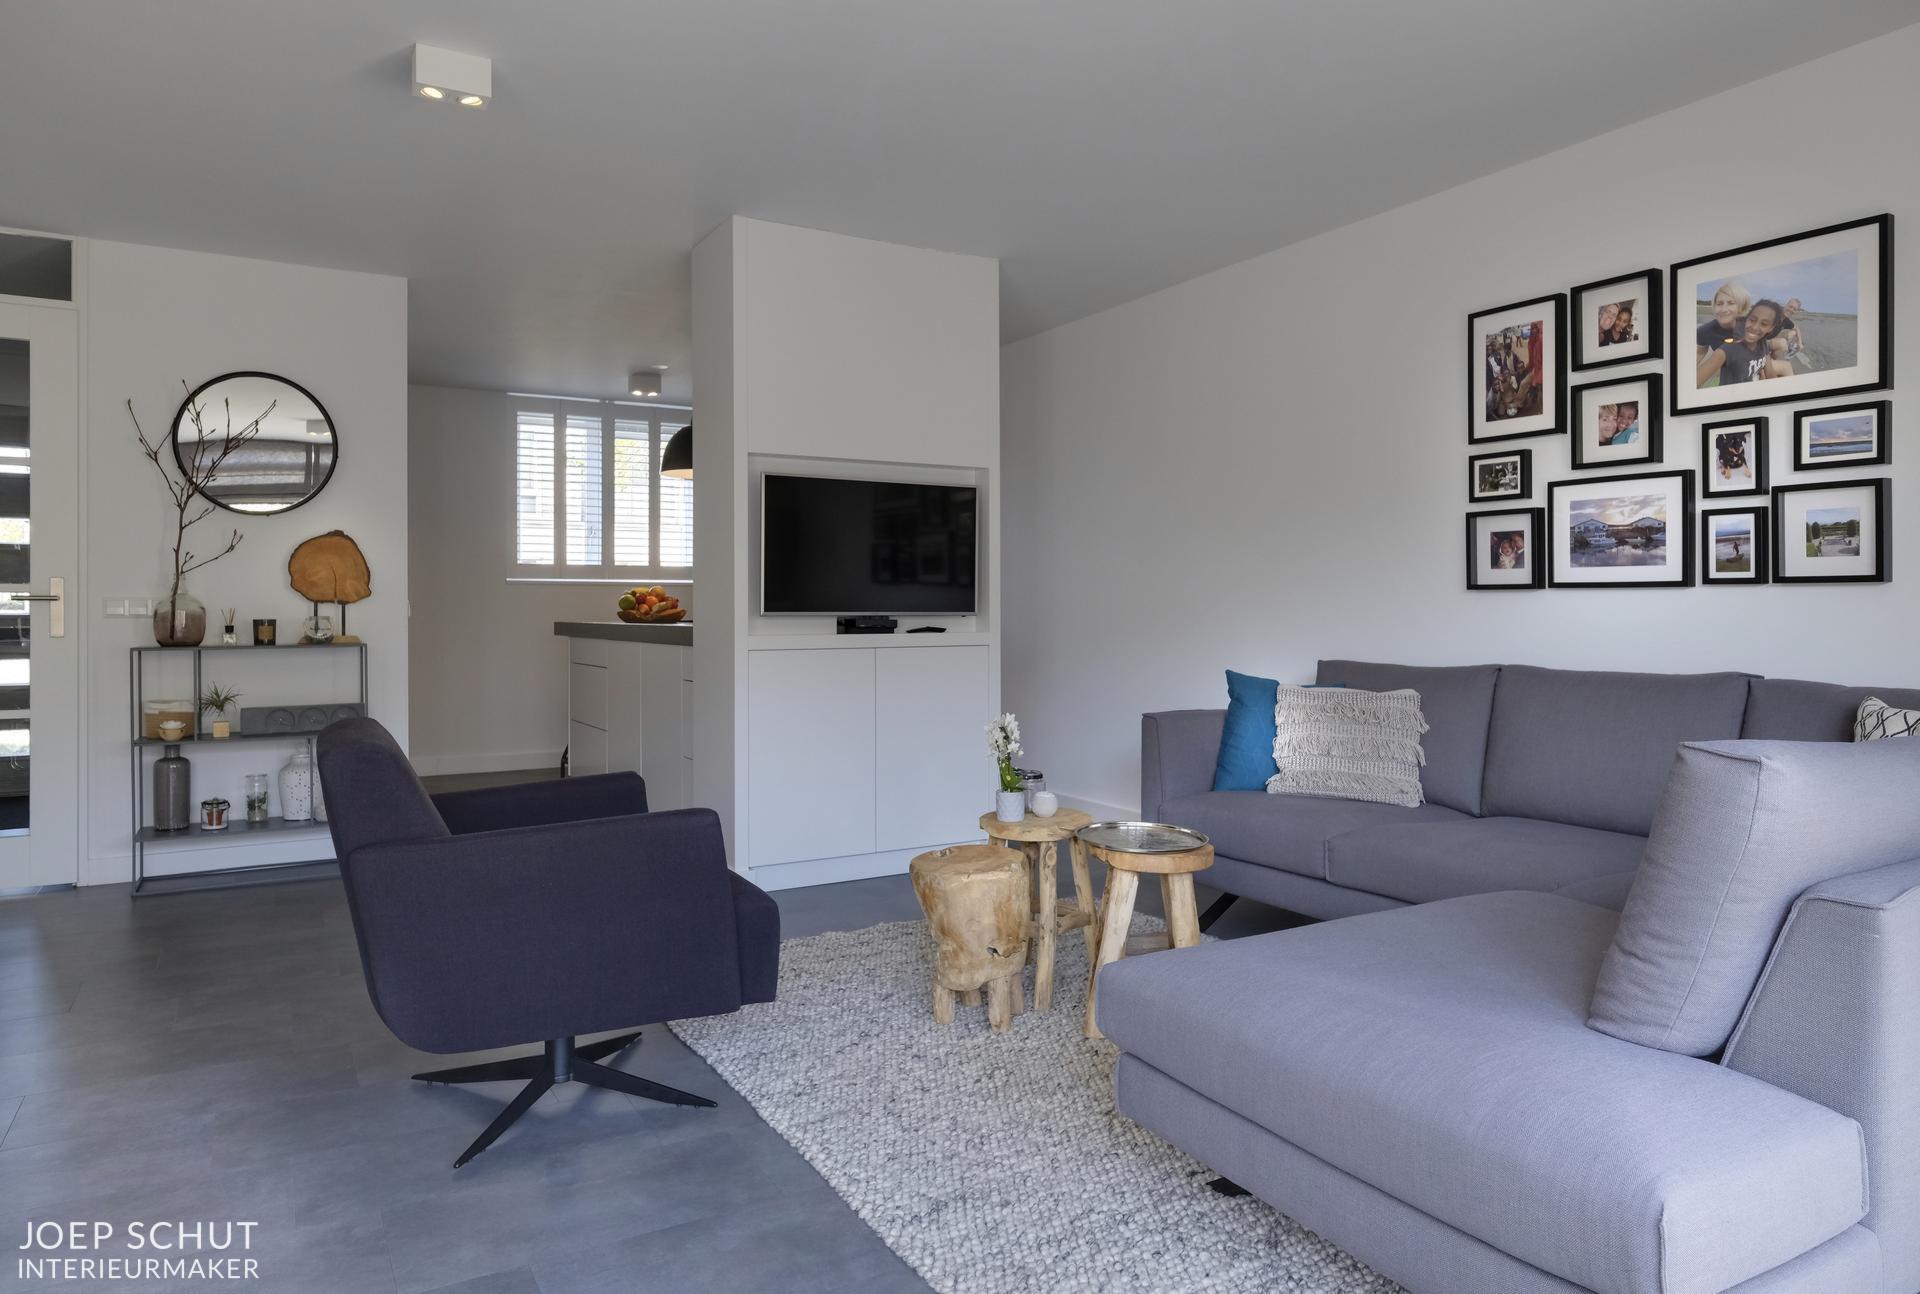 Roomdevider In Woonkamer : Project assendelft: maatwerkkeuken kasten roomdivider tafelbankje